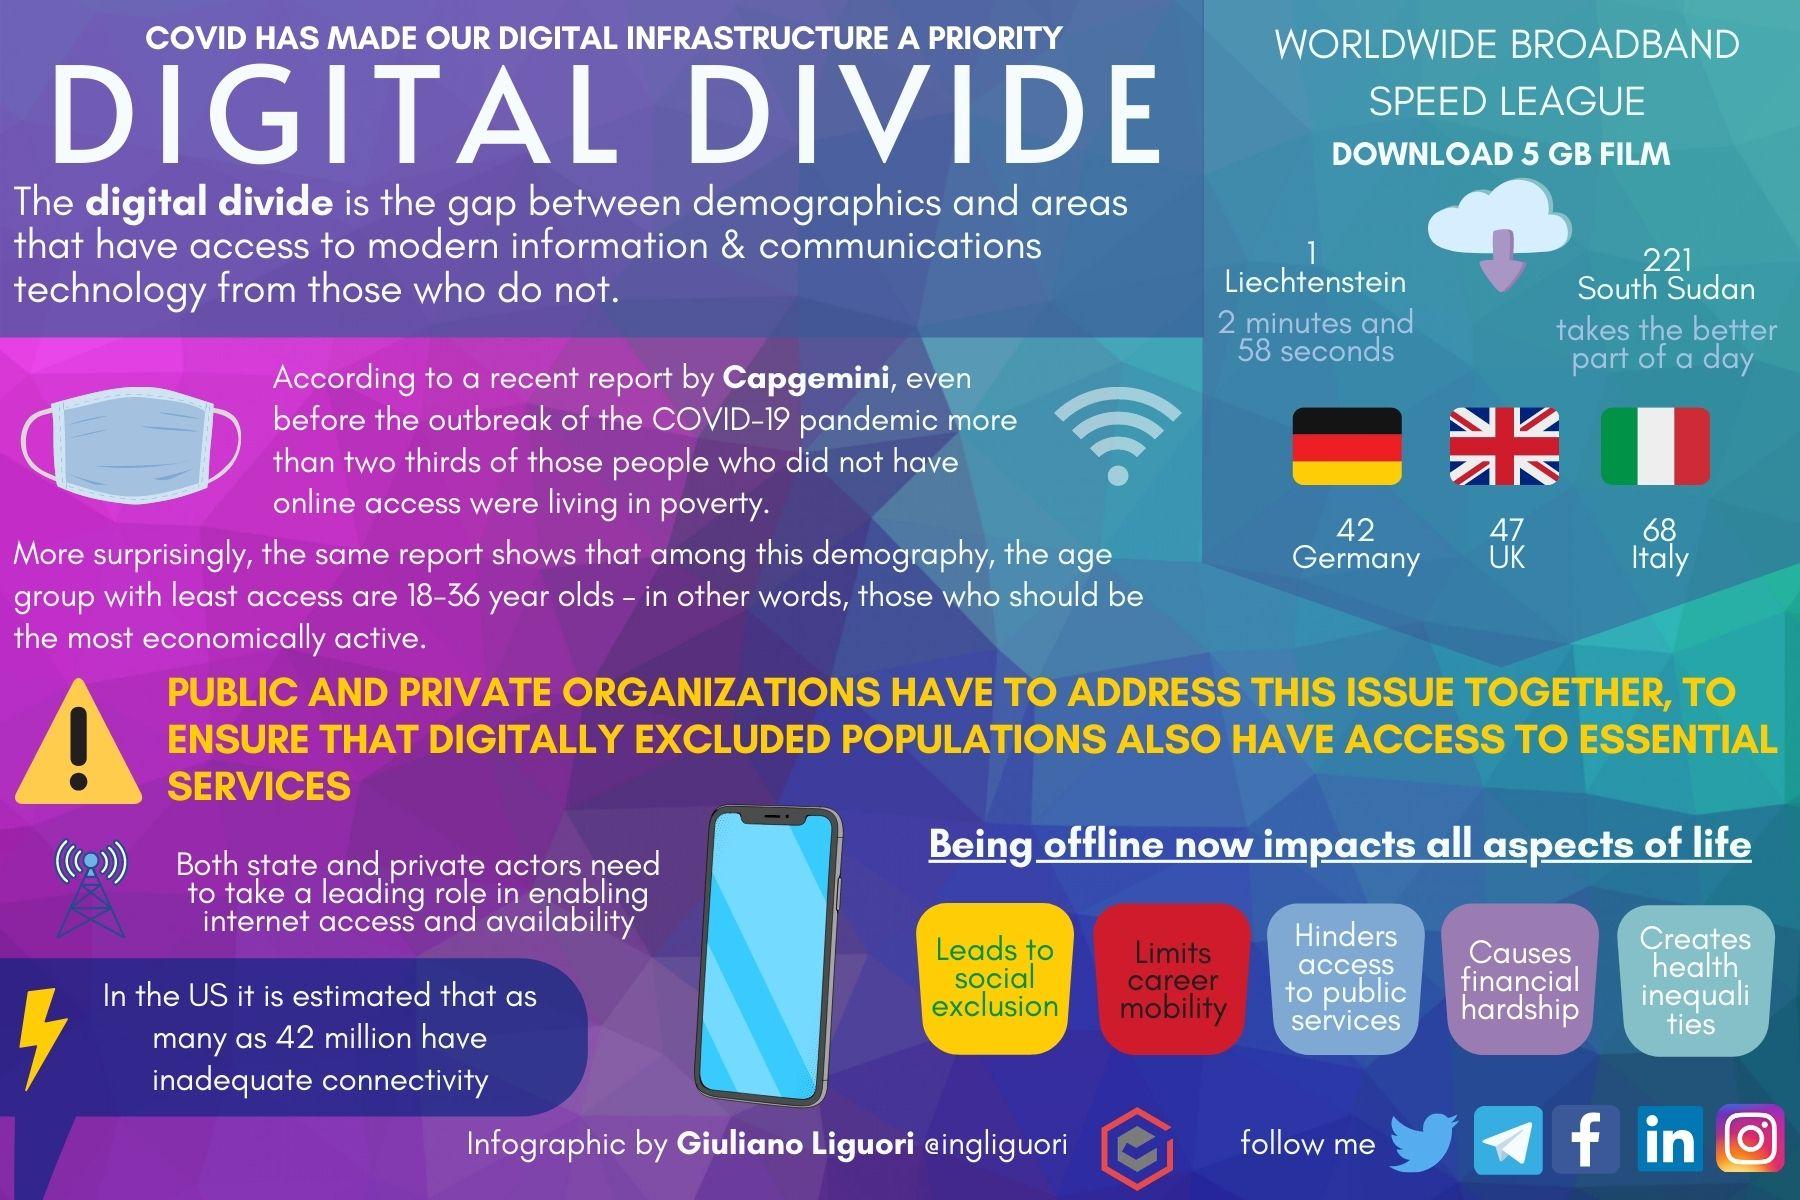 Digital Divide by Giuliano Liguori